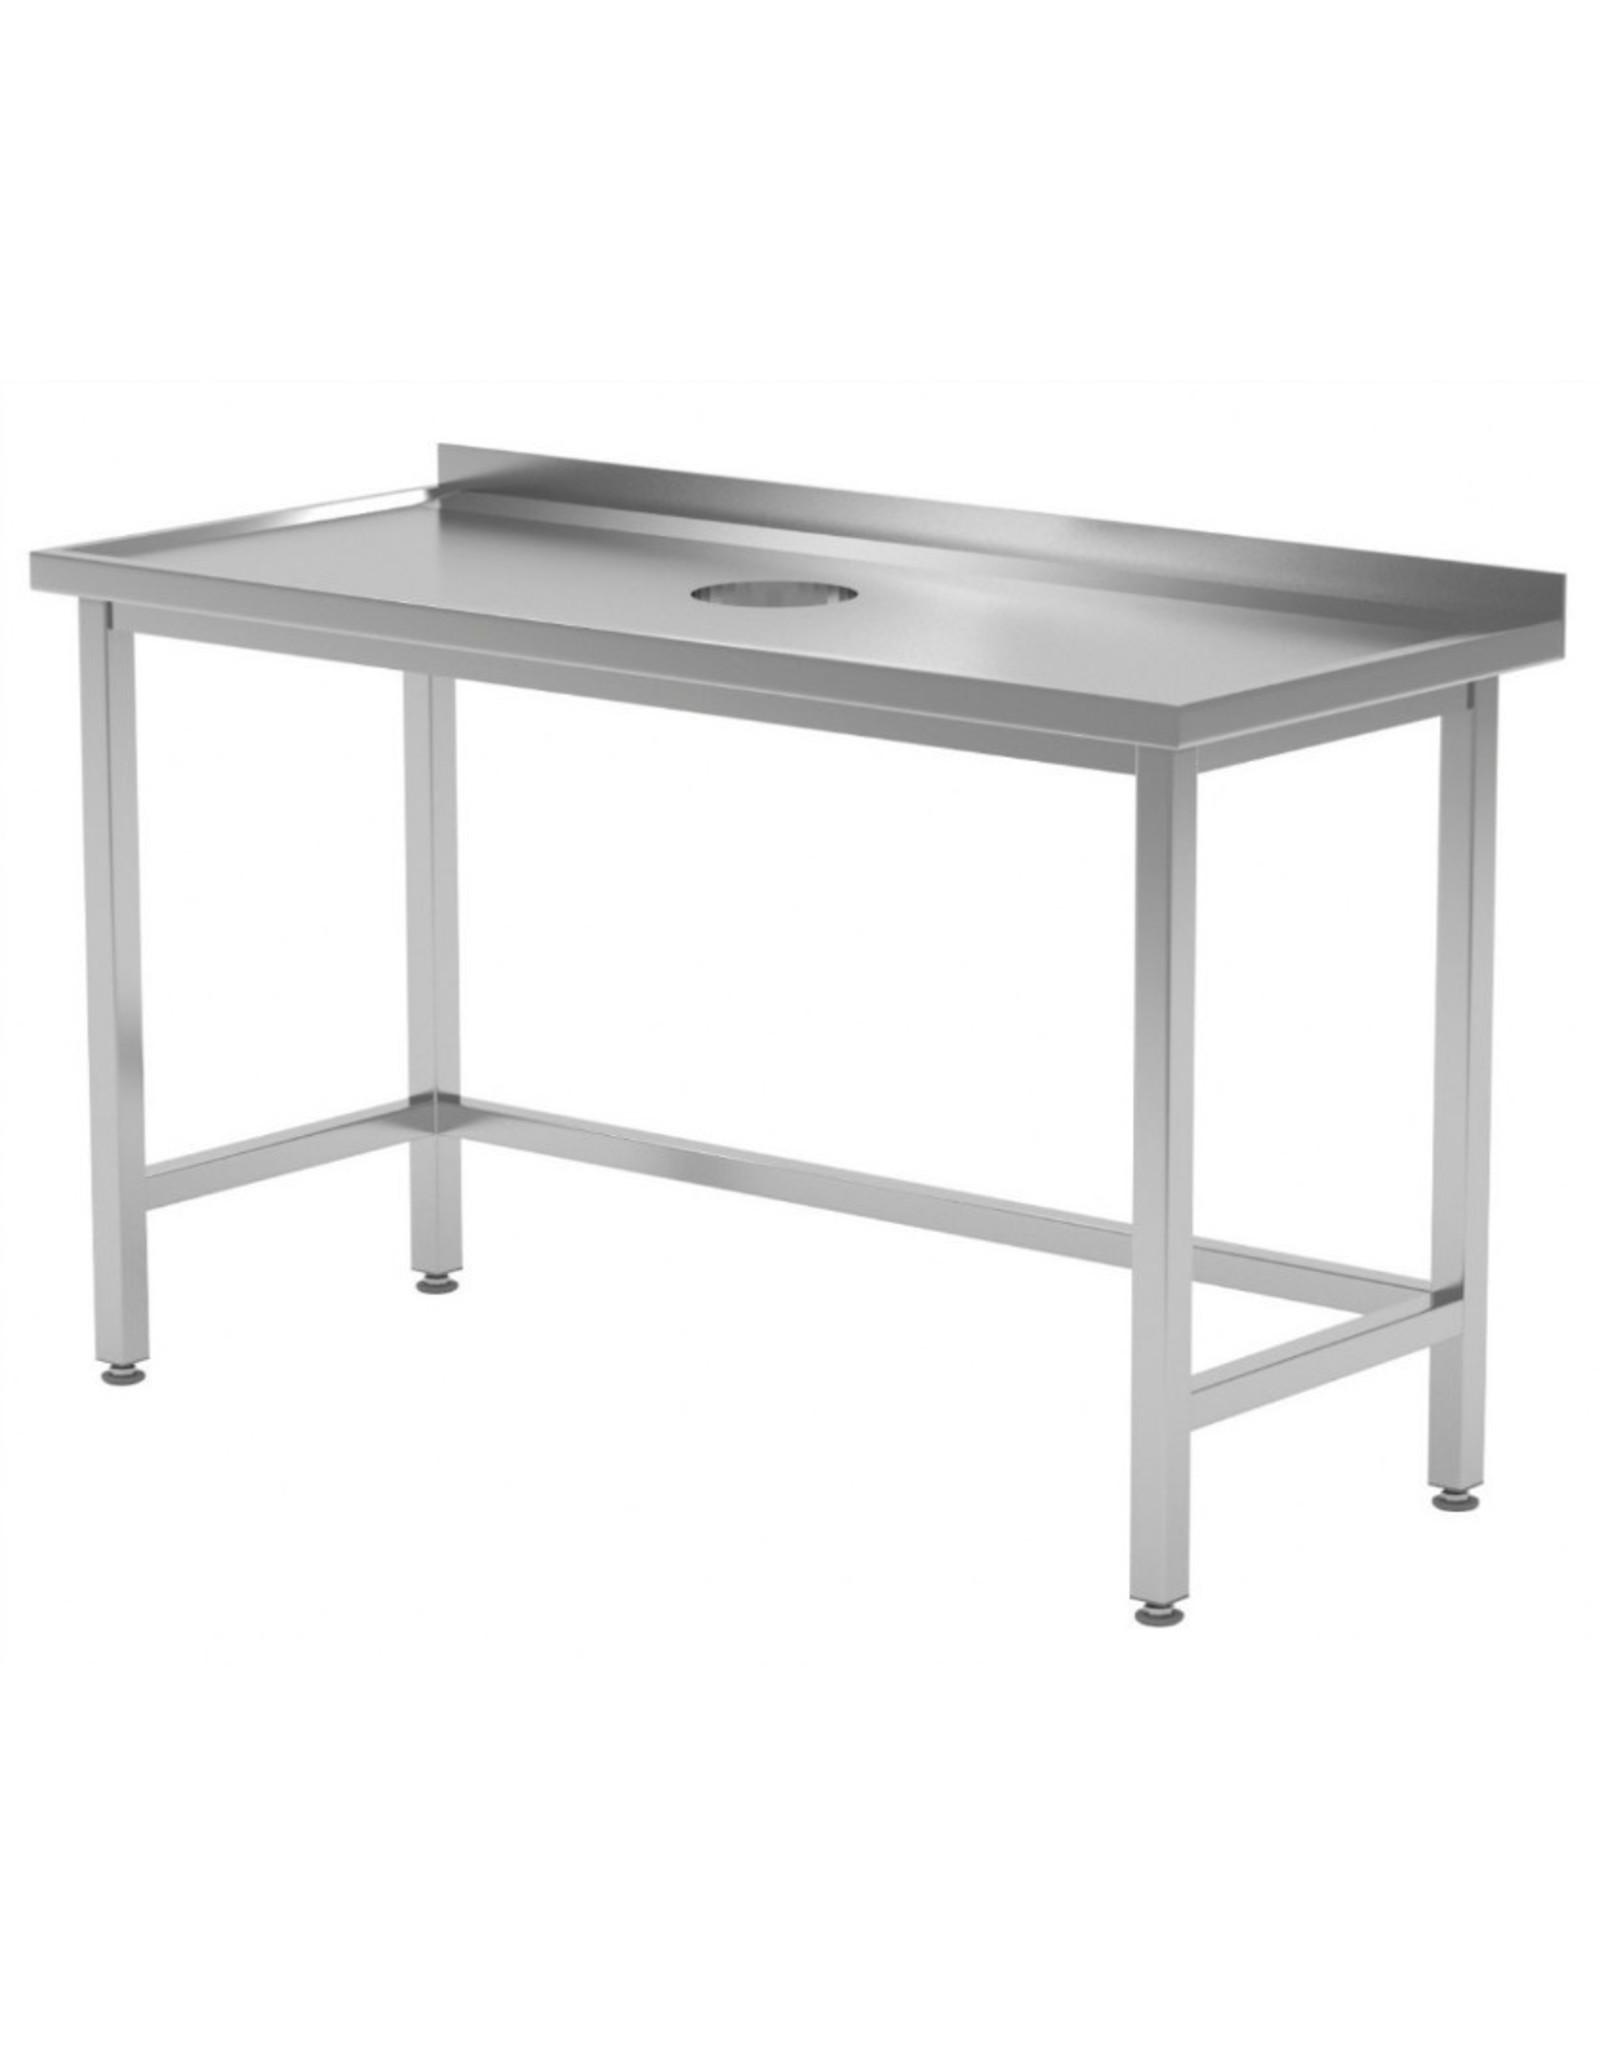 Werktafel met afvalgat | 800-1900mm breed | 600 of 700mm diep